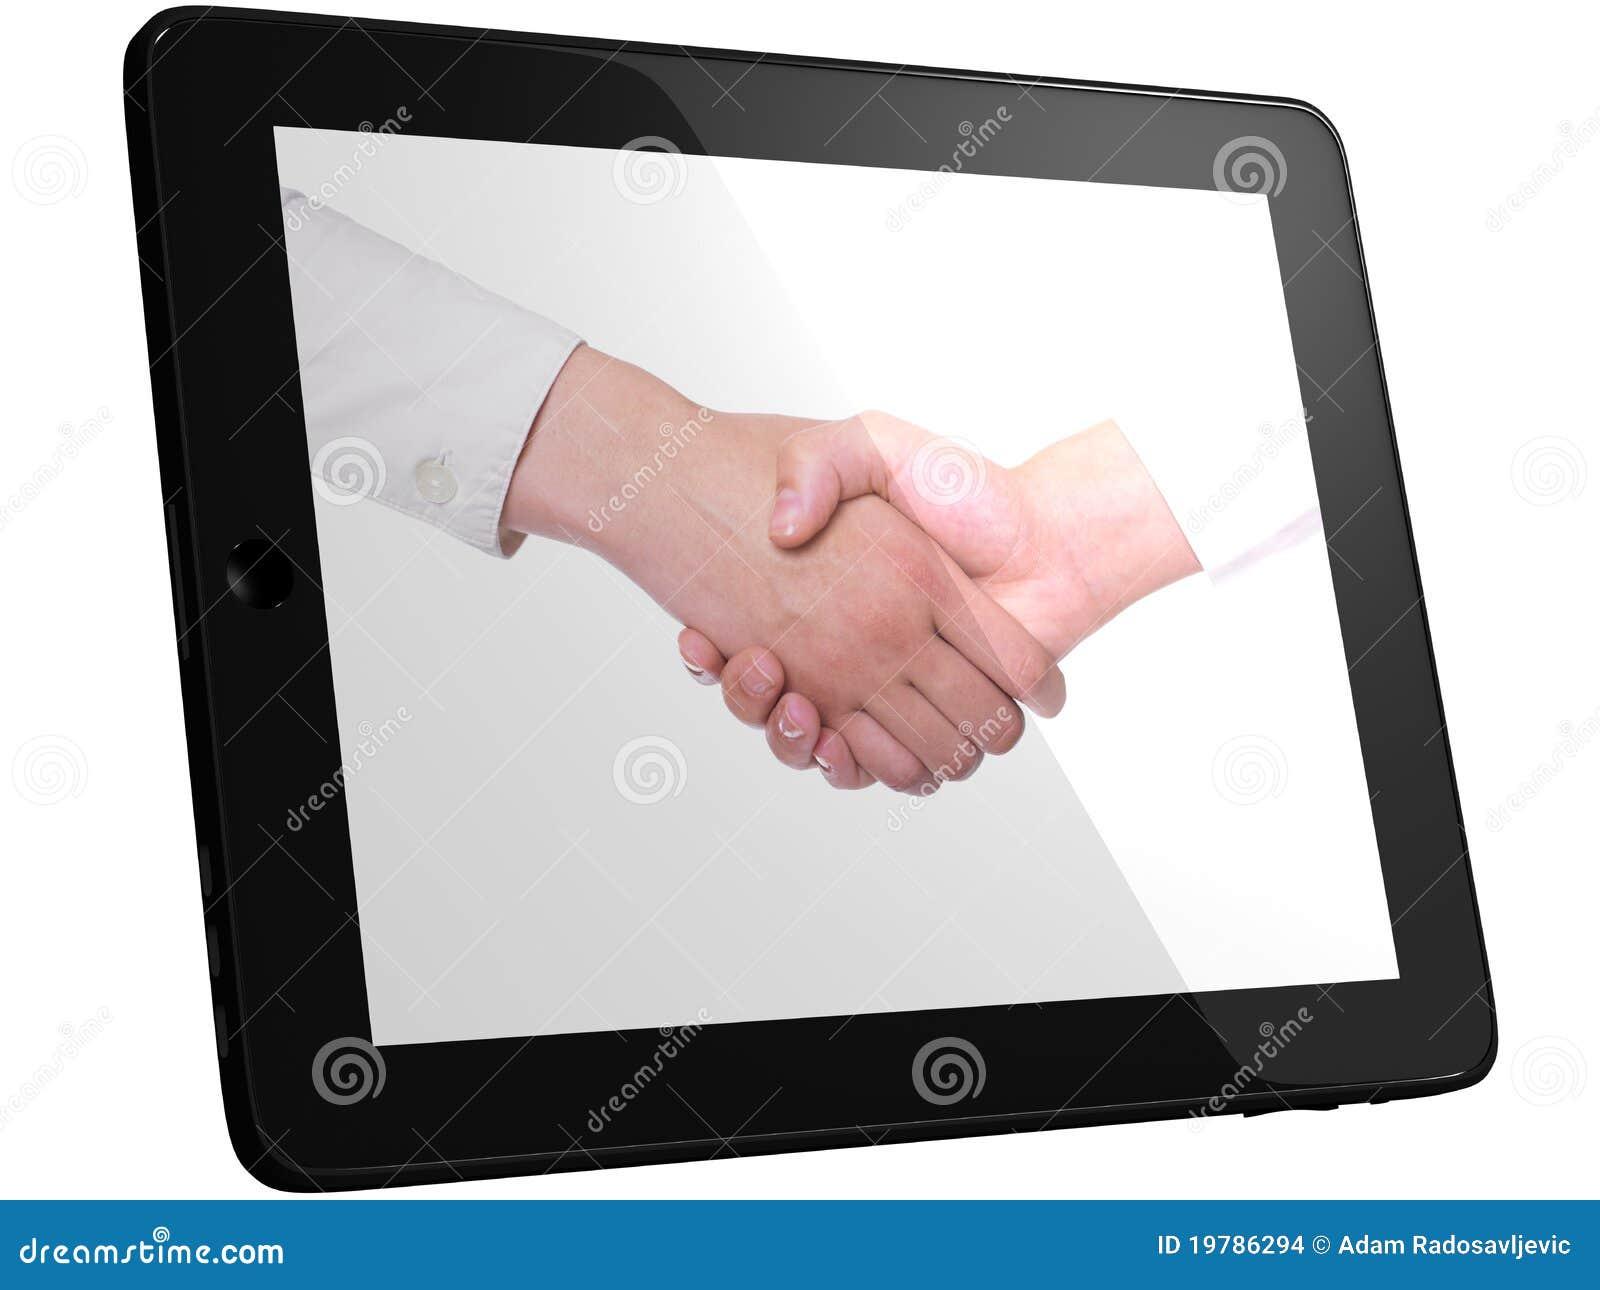 Handdruk, Handenschudden op de Computer van PC van de Tablet